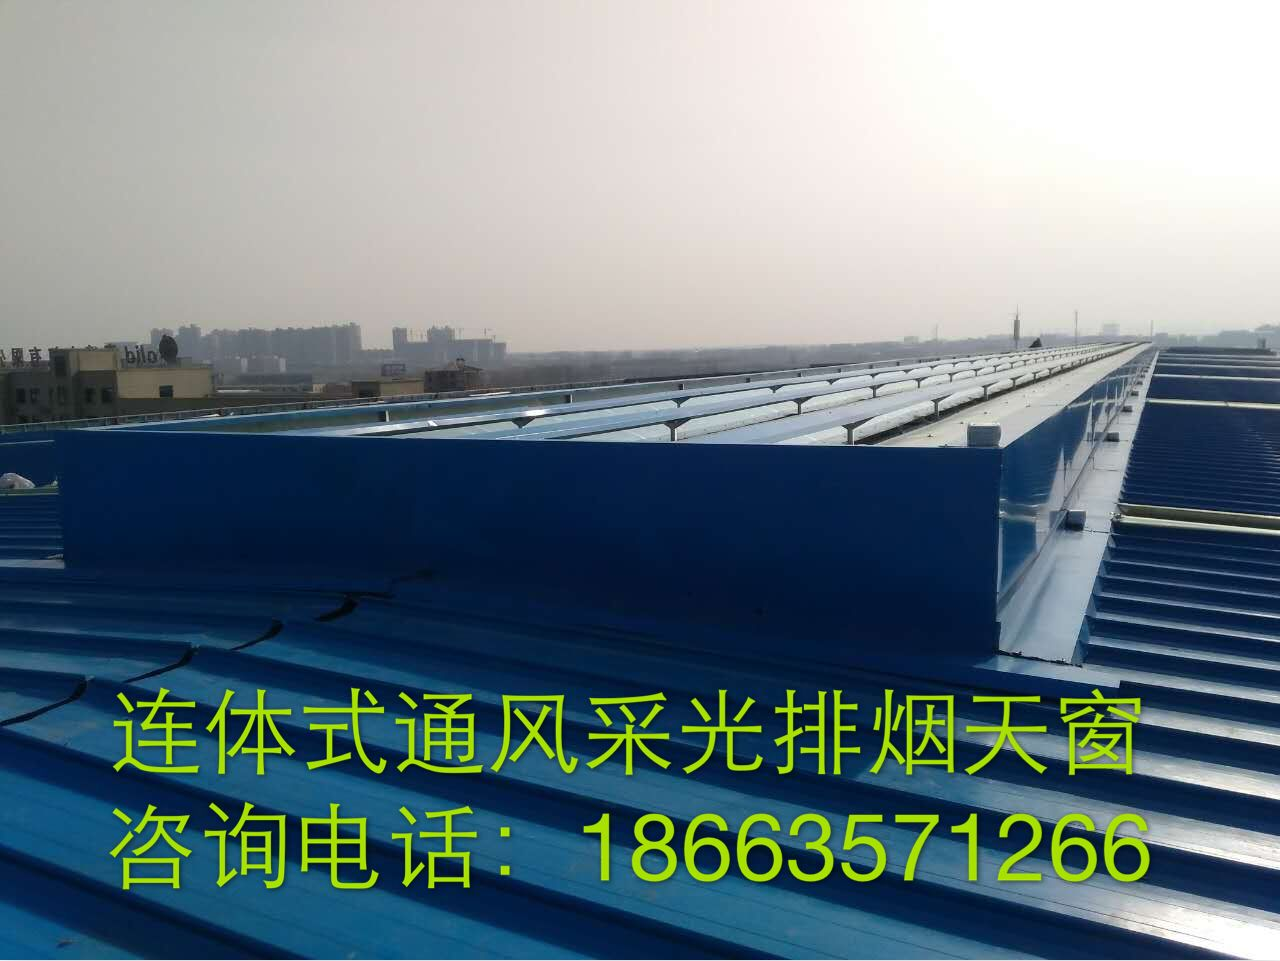 丽水05J621-3型通风天窗多少钱